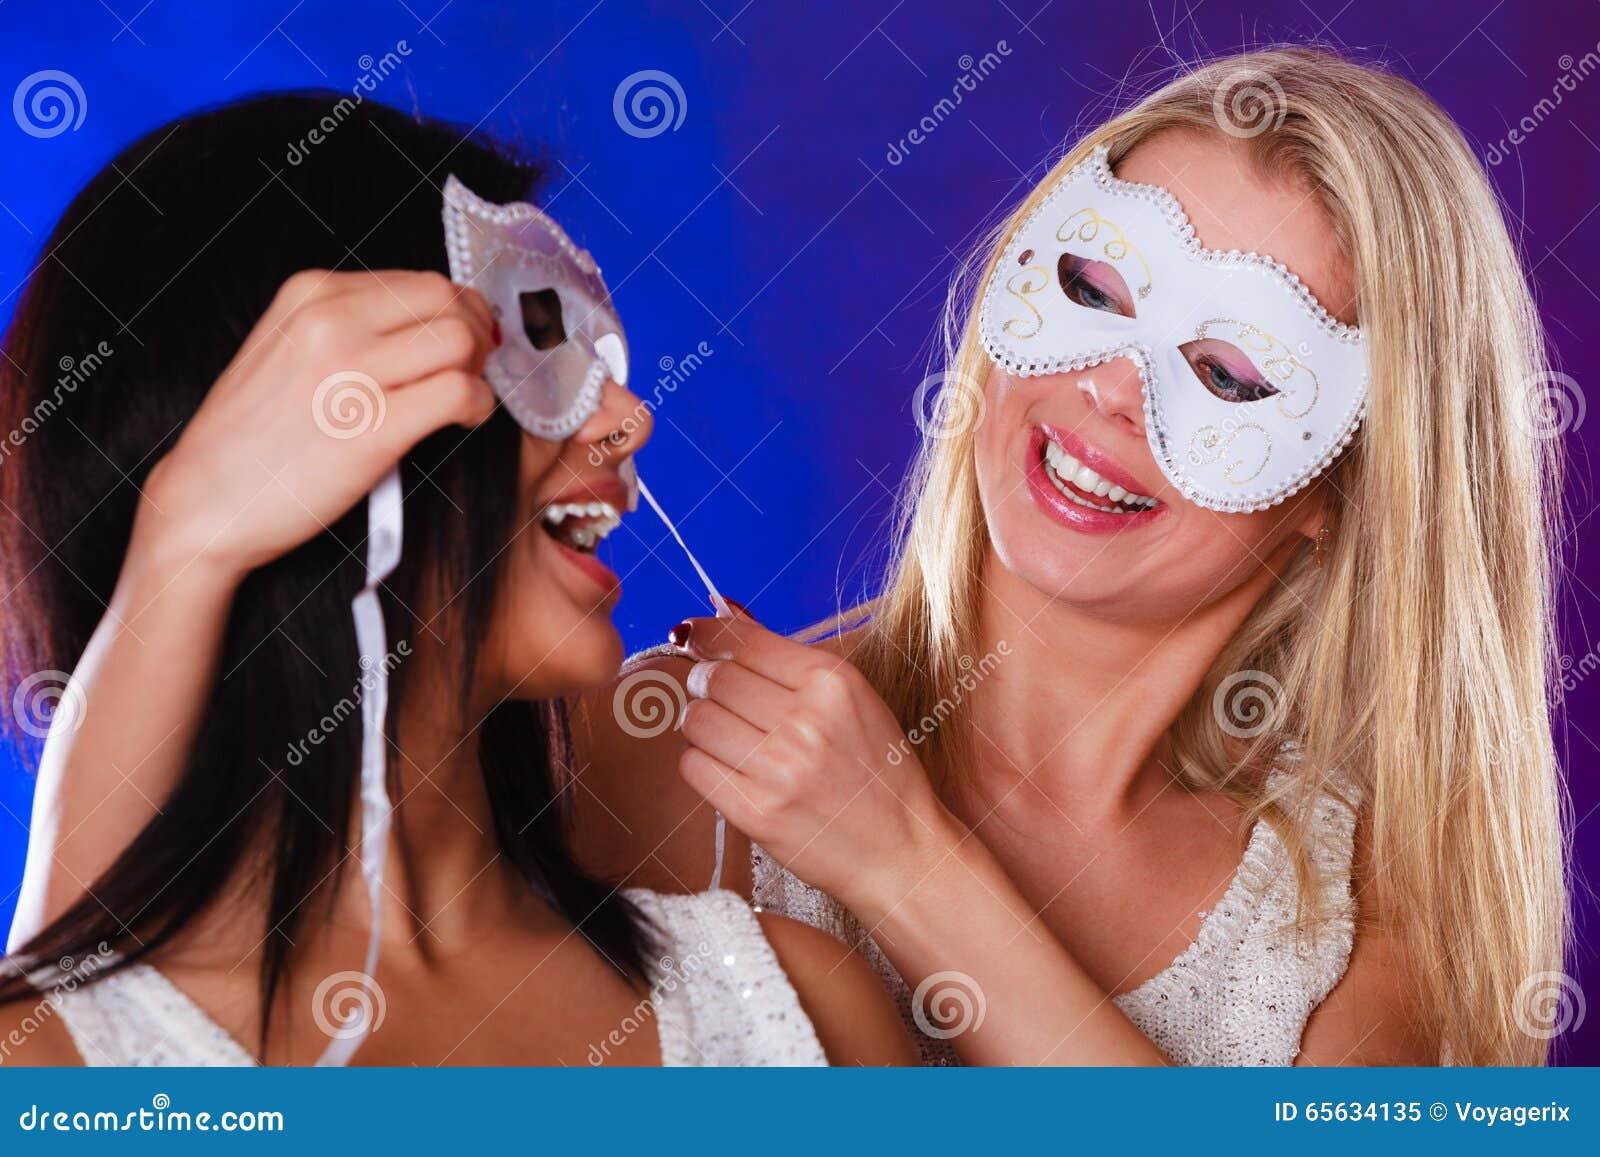 Visage de deux femmes avec les masques vénitiens de carnaval